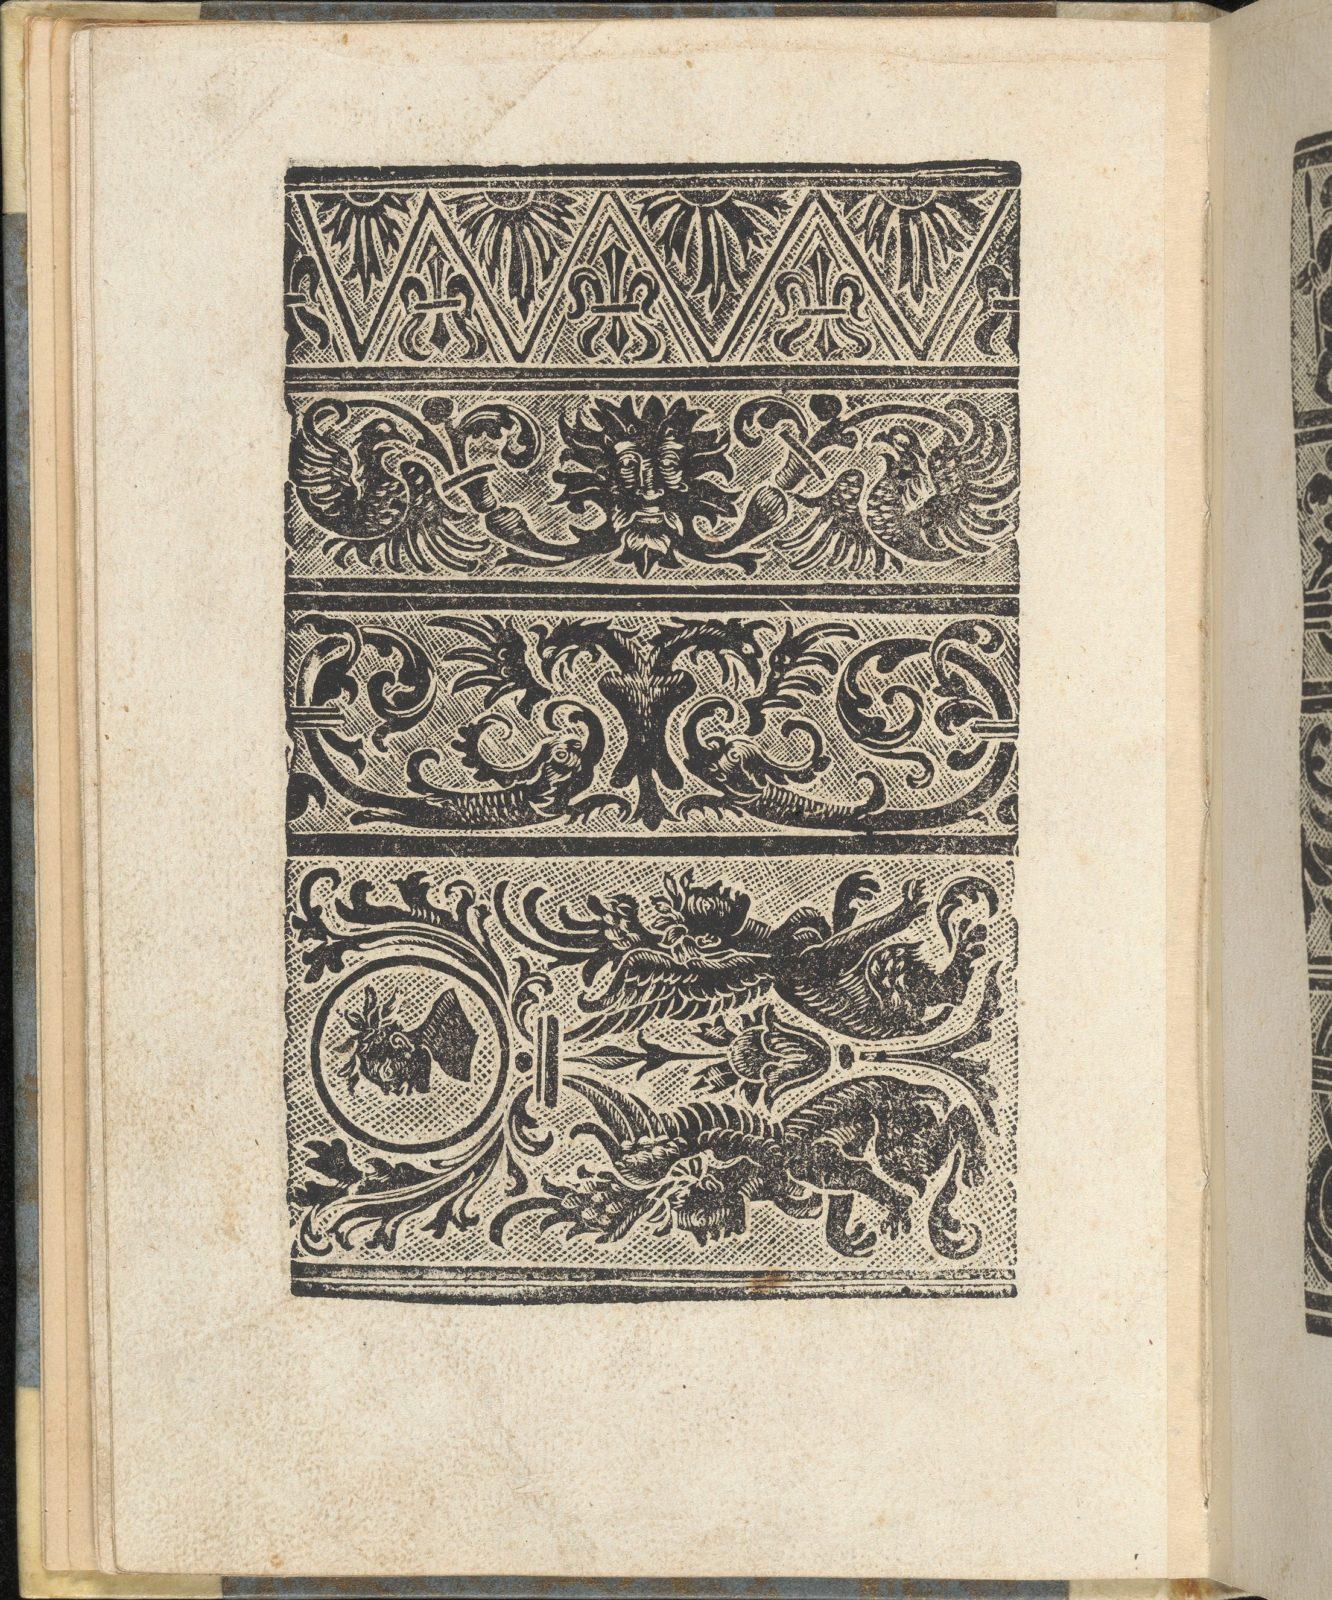 Ein ney Furmbüchlein, Page 12, verso